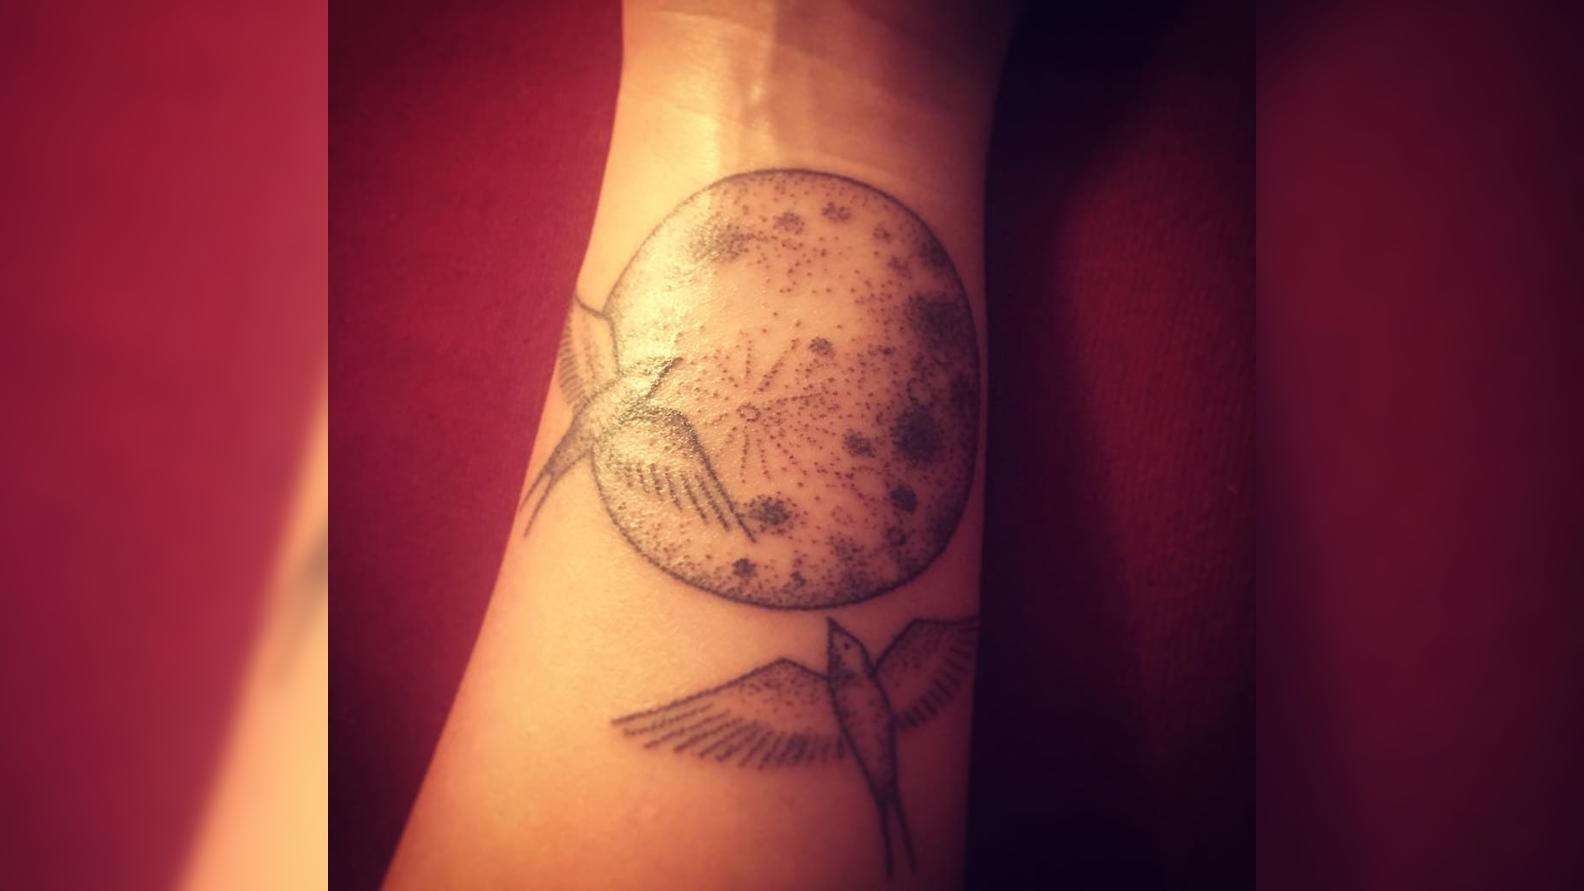 Trauer-Tattoos sind im Trend - RTL-Autorin Laura Waßermann hat selbst eins.